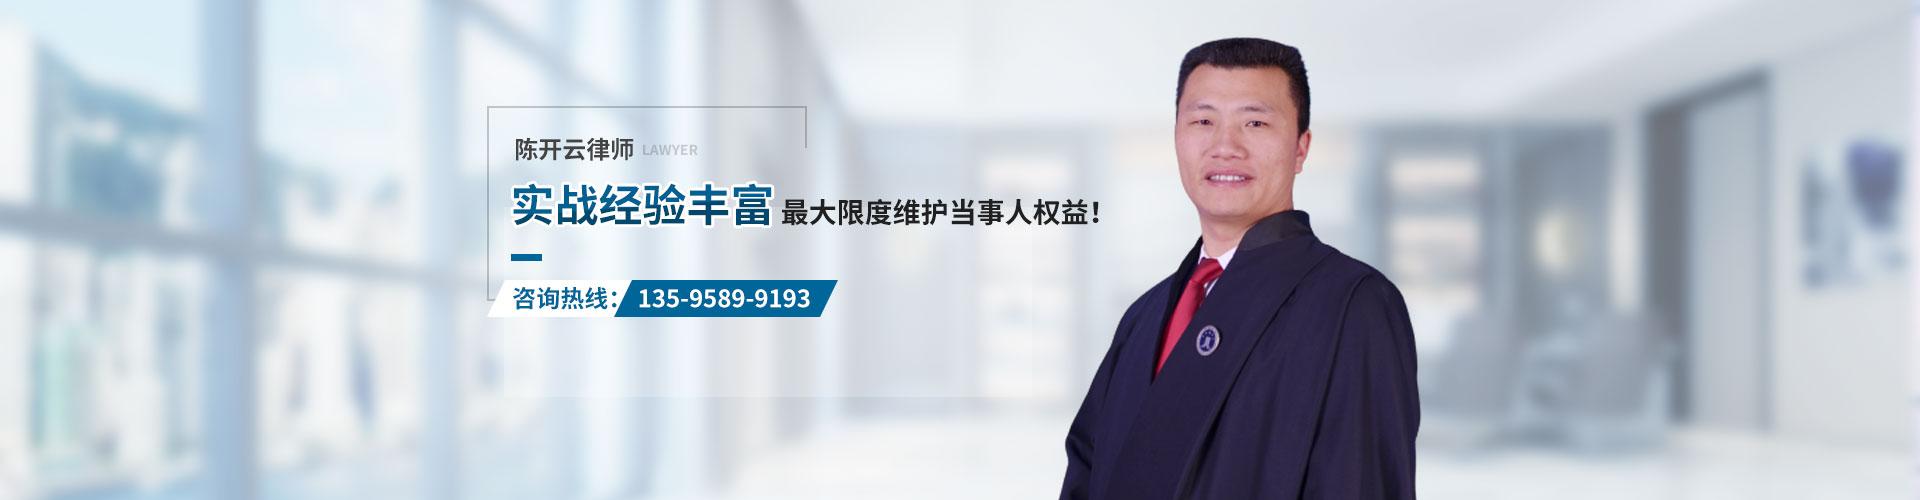 陈开云律师